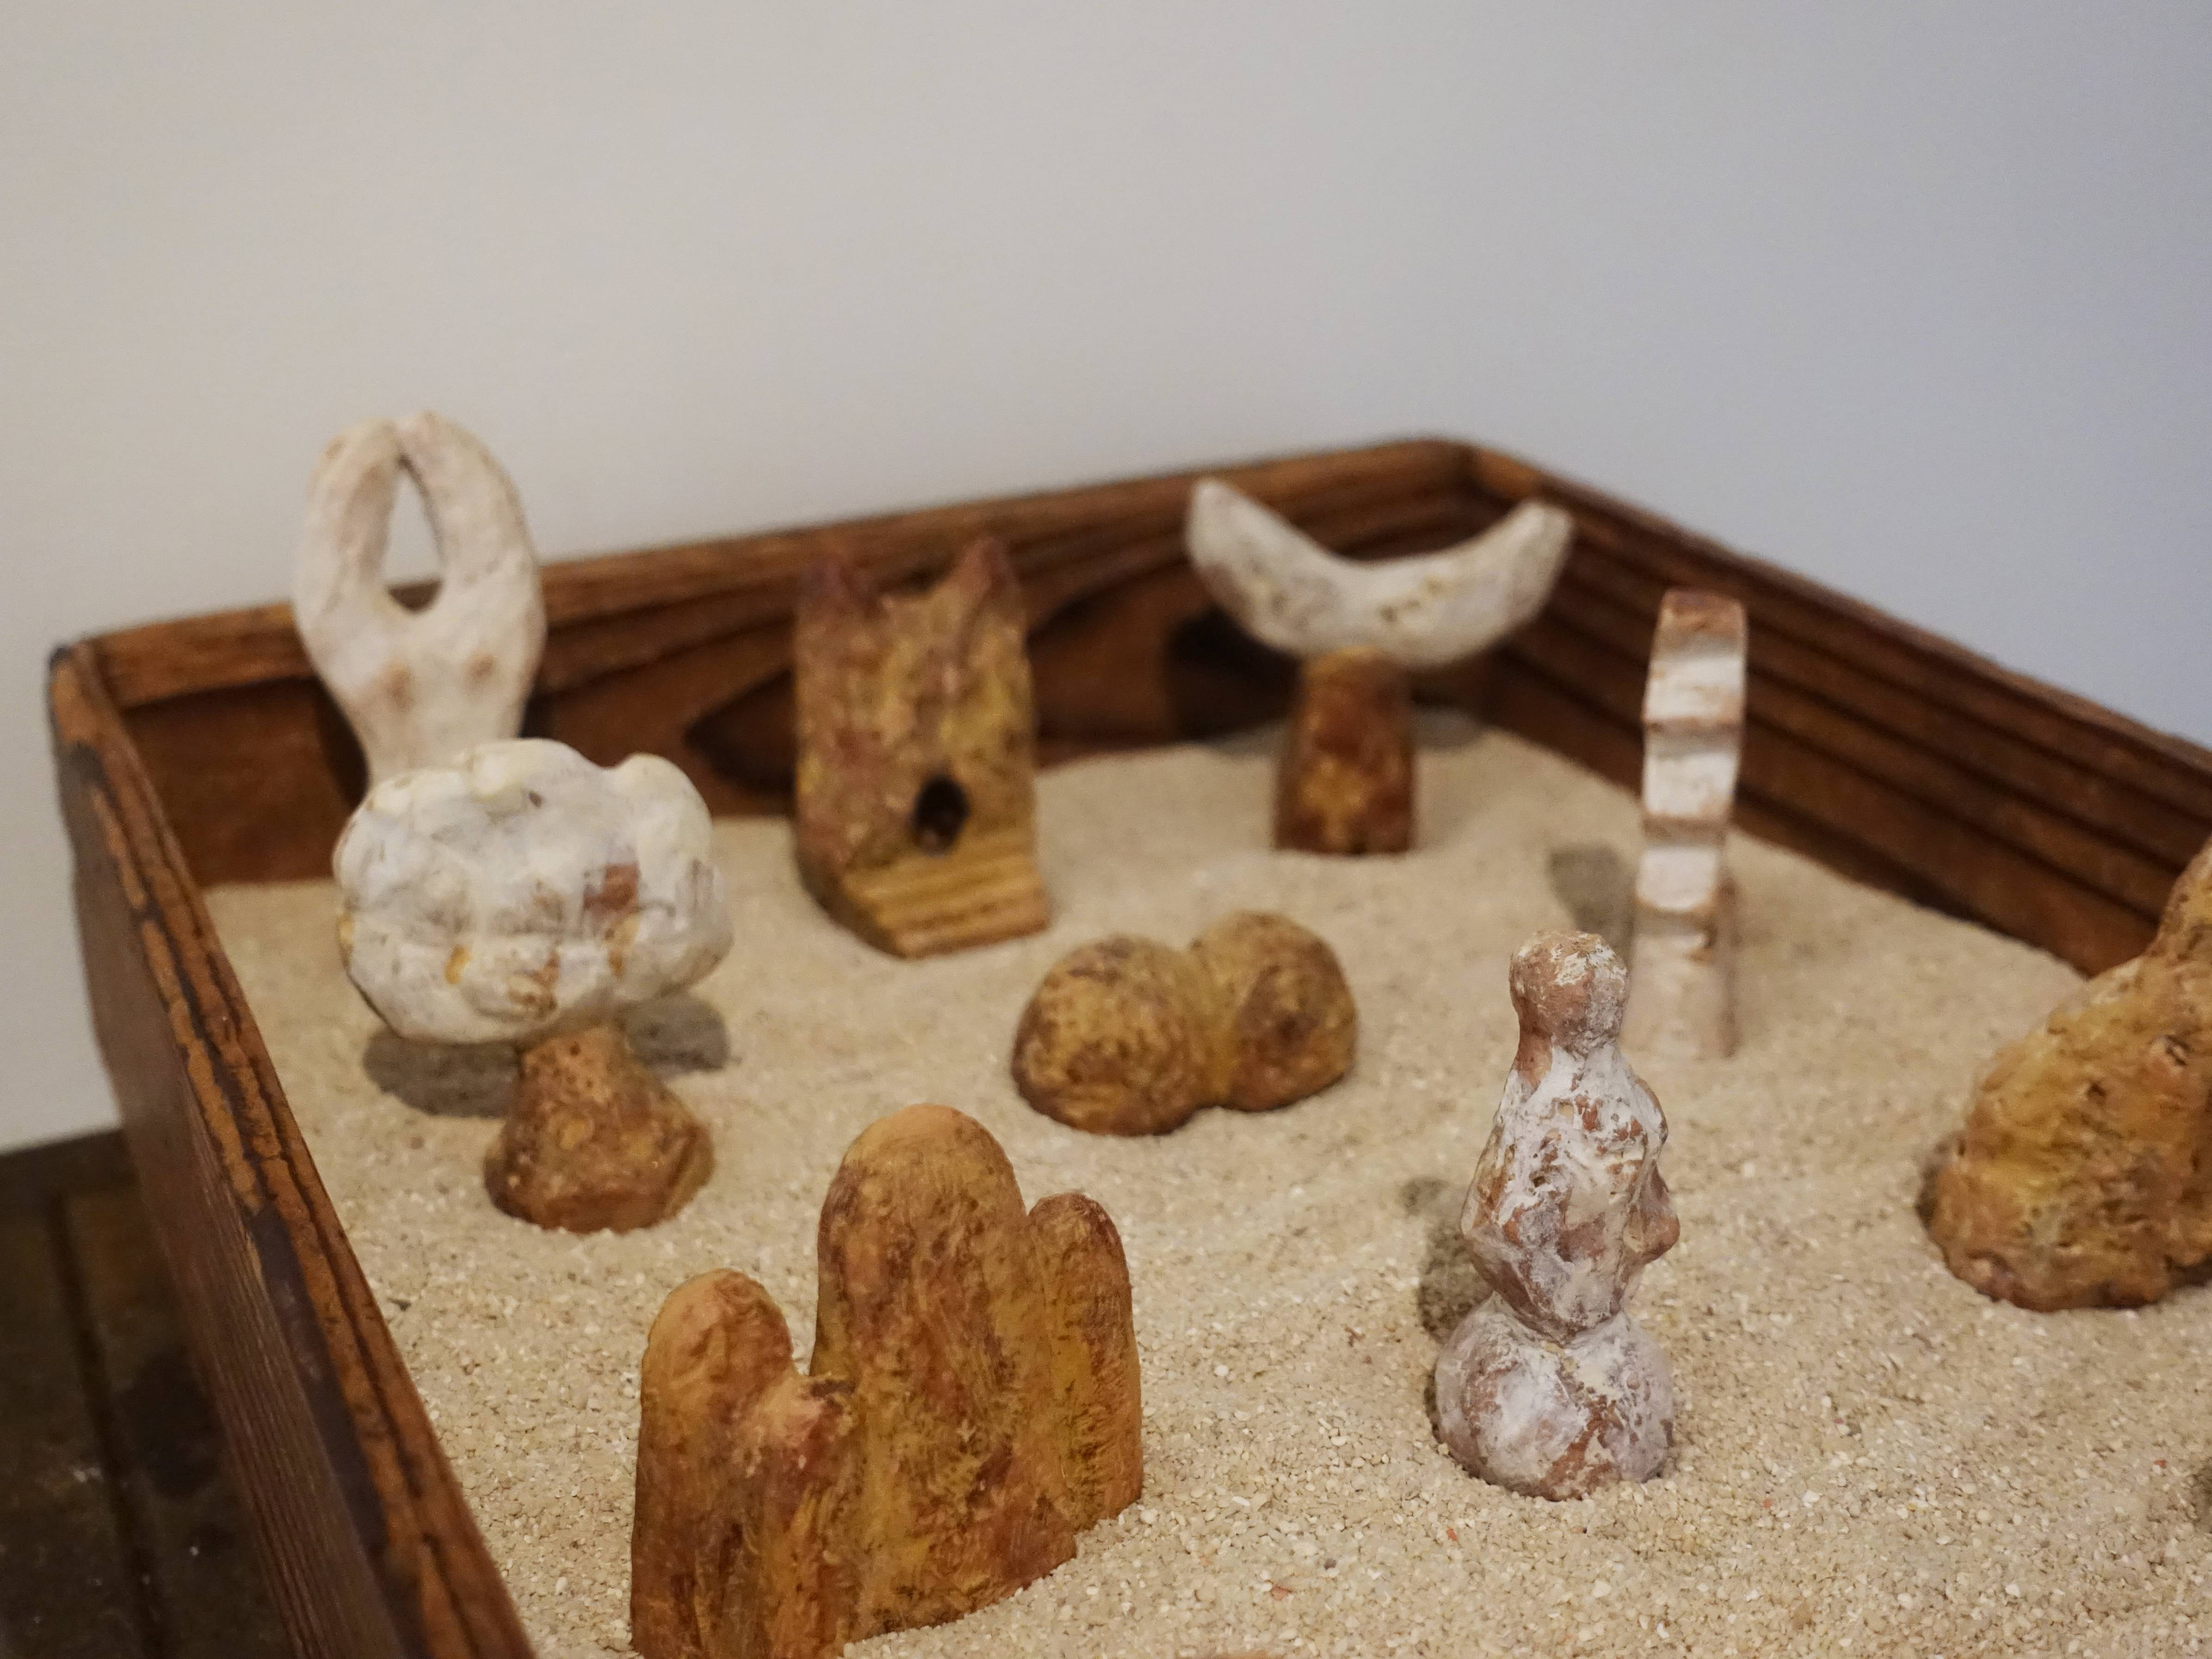 林怡芬,《天地一粒沙》,41 x 27 x 8 cm,Terra cotta、礦物質顏料、木材、沙,2019。